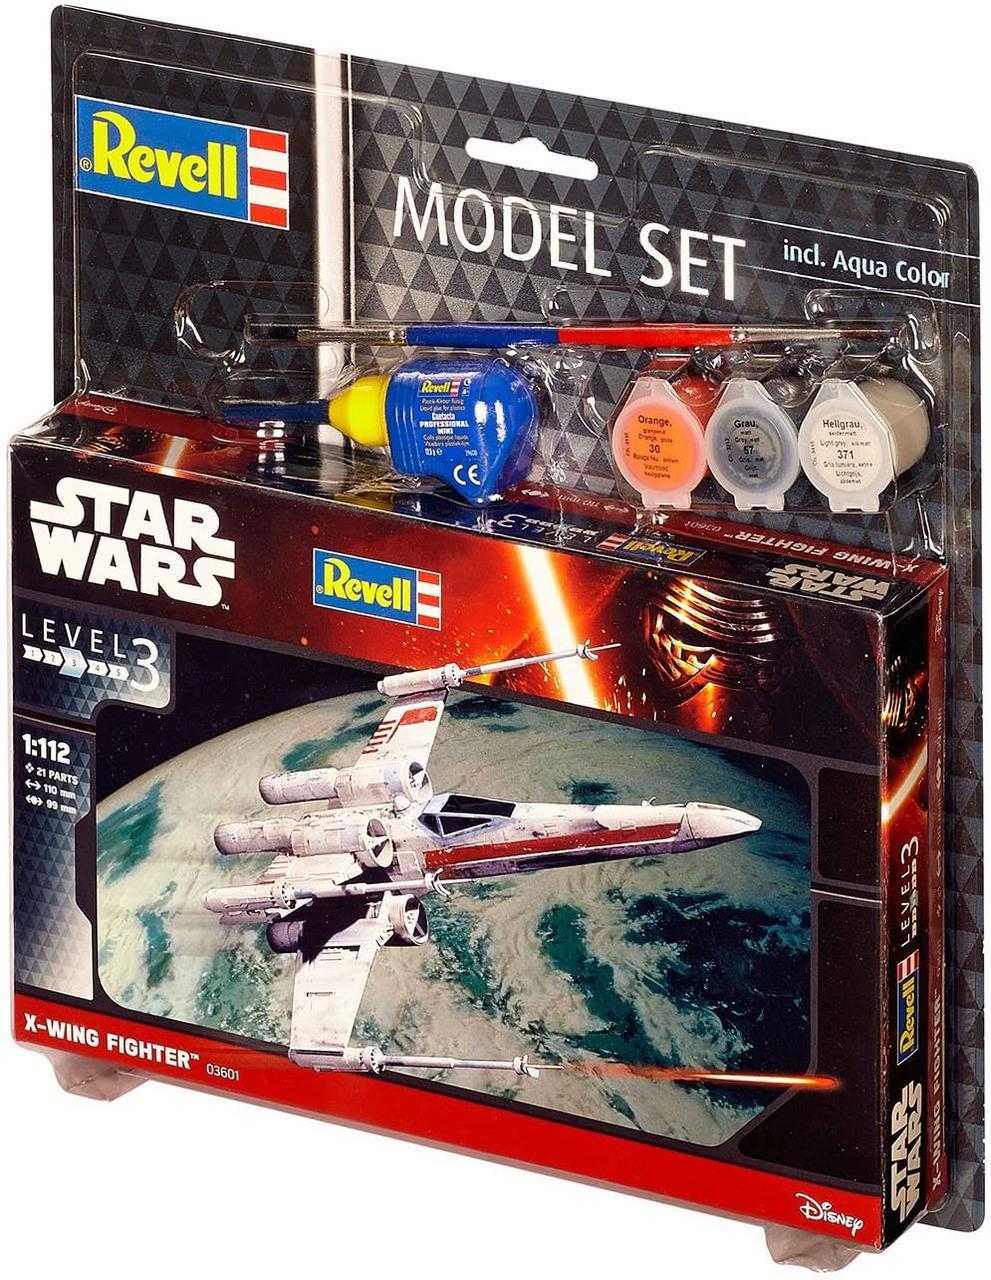 Сборная модель-копия Revell набор Звездный истребитель ARC-170 уровень 3 масштаб 1:83 (RVL-63601)